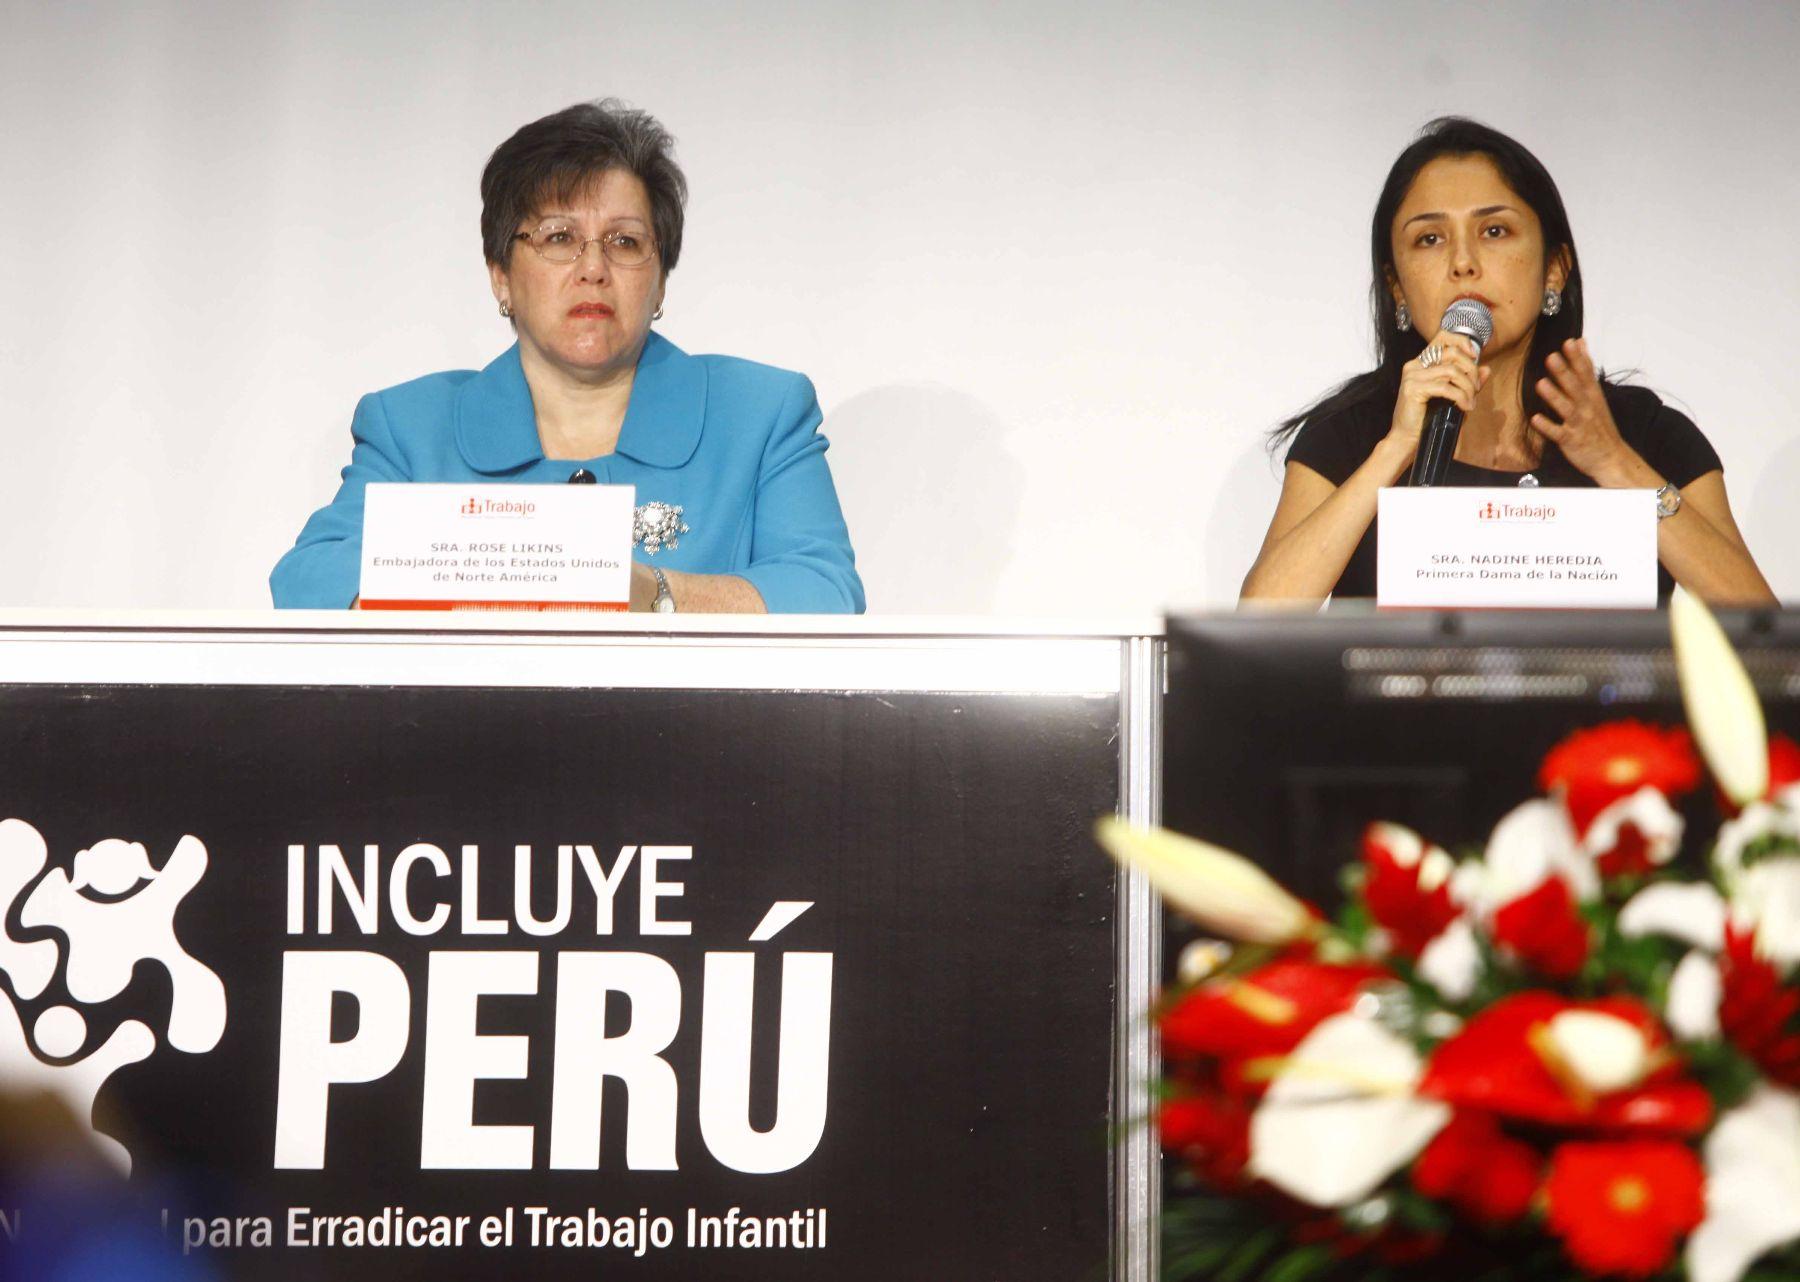 Estados Unidos Destaca Estrategia Peruana Para Erradicar Trabajo